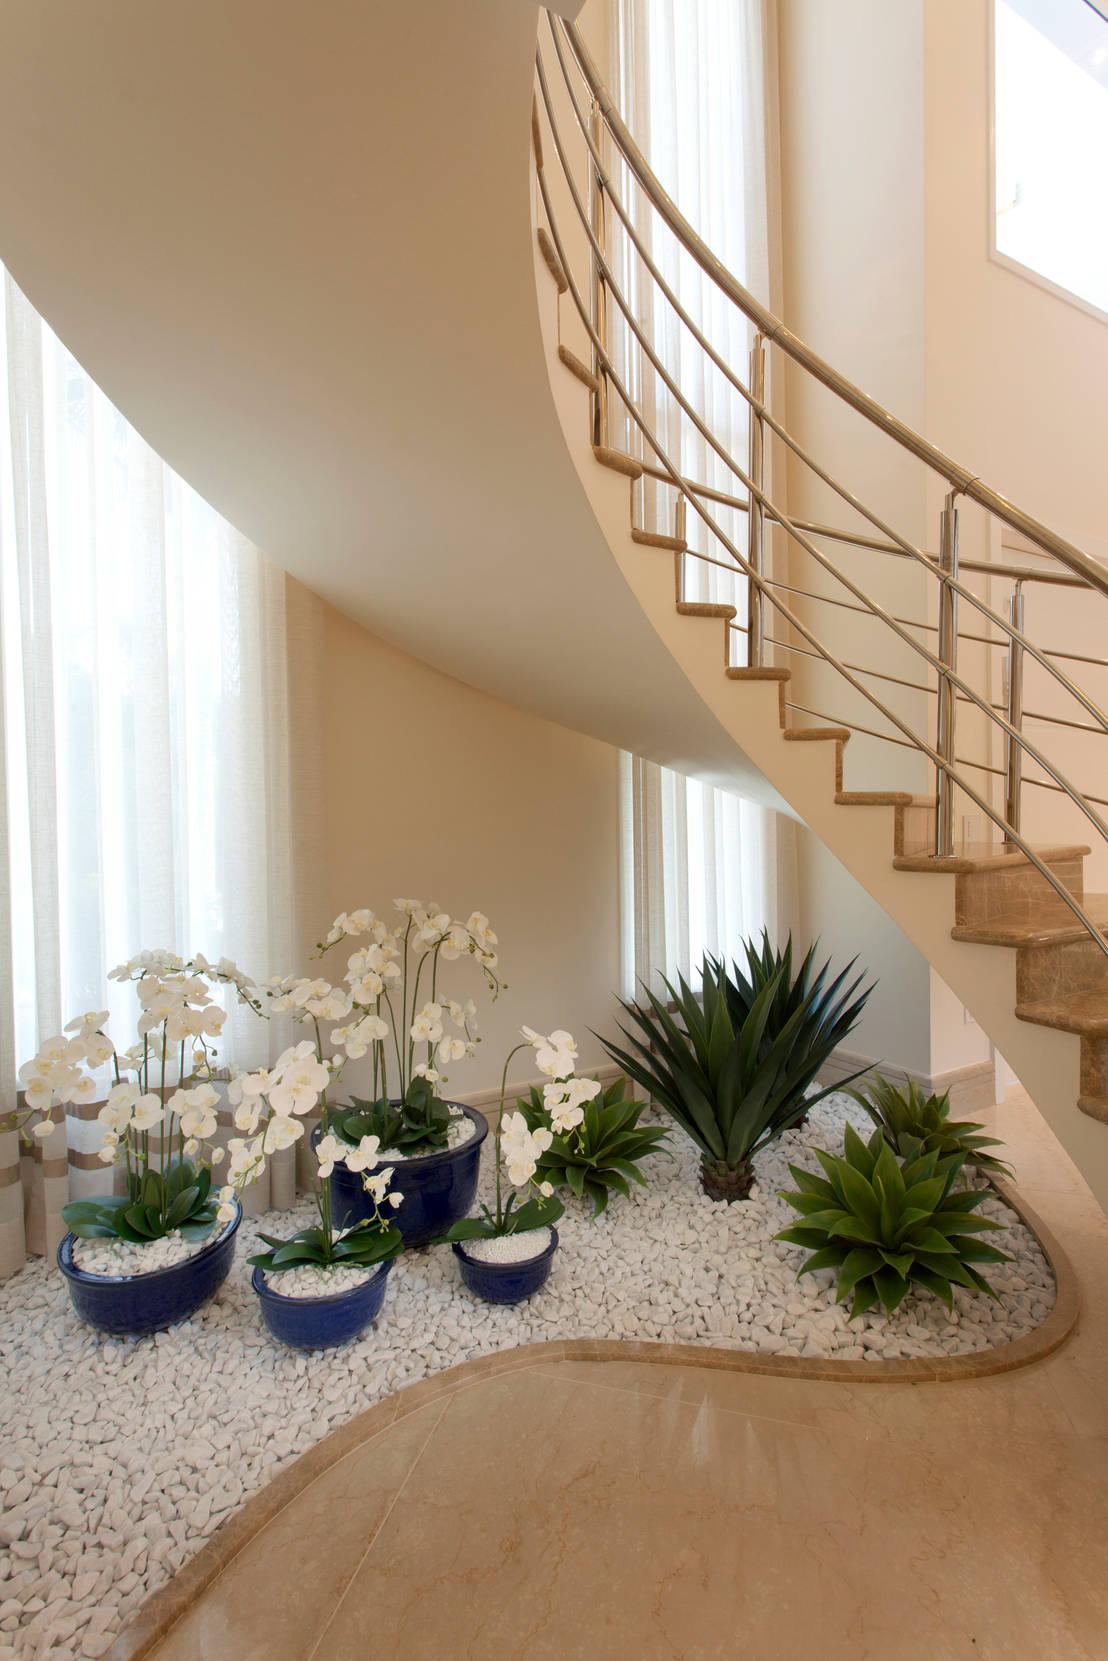 Escaleras con jardines de piedra 5 ideas buen simas for Jardines pequenos bajo escaleras